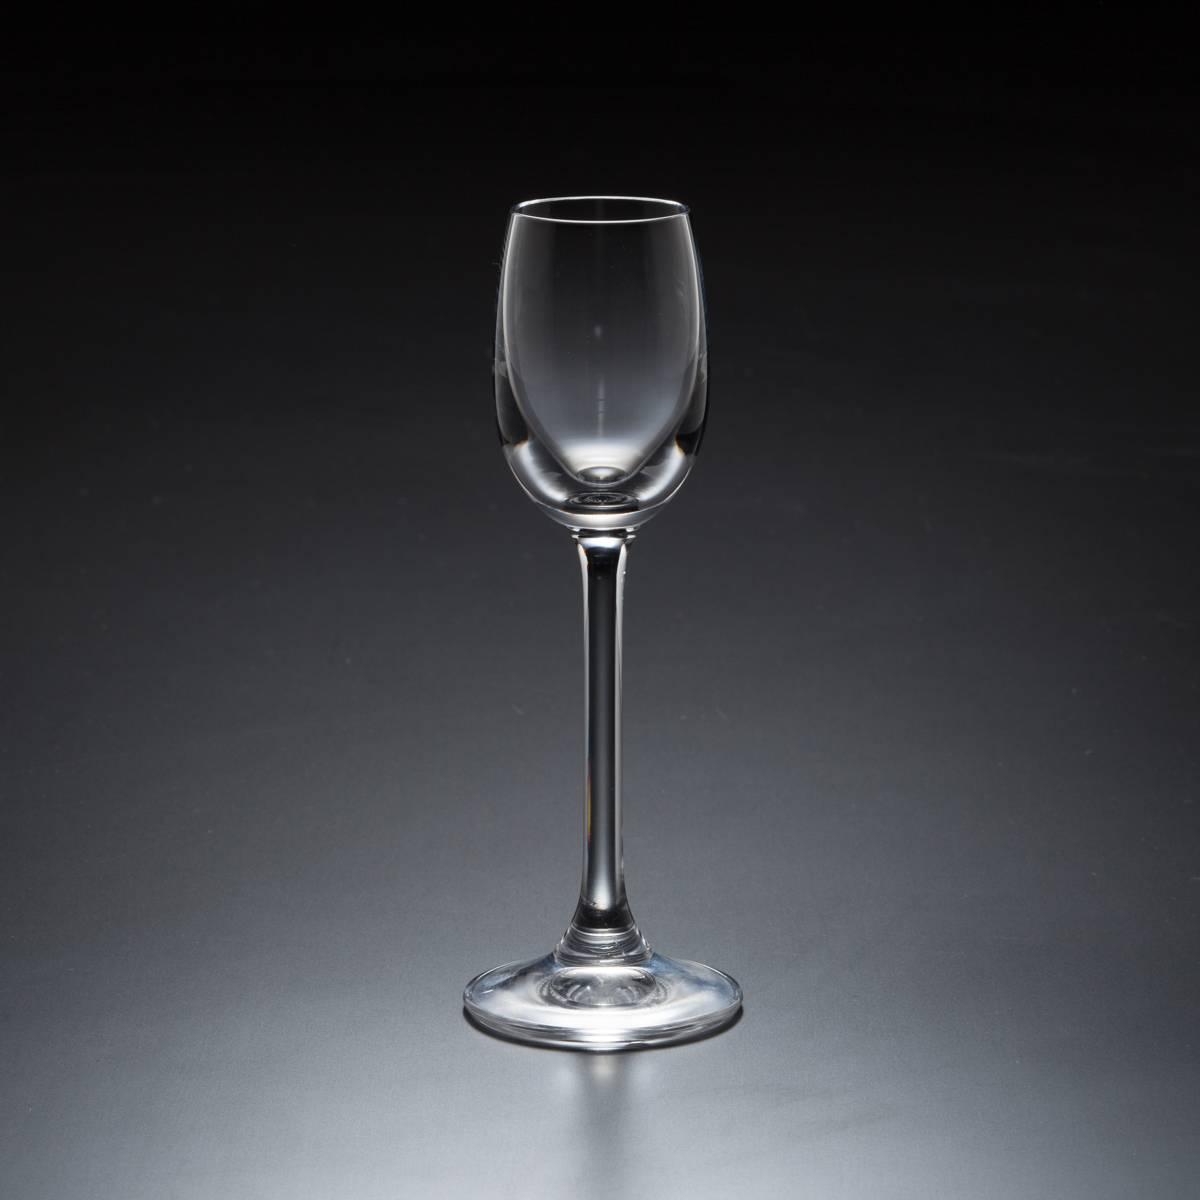 Conjunto 6 Taças para Licor Gastro em Cristal - 65 ml - Bohemia Crystalite